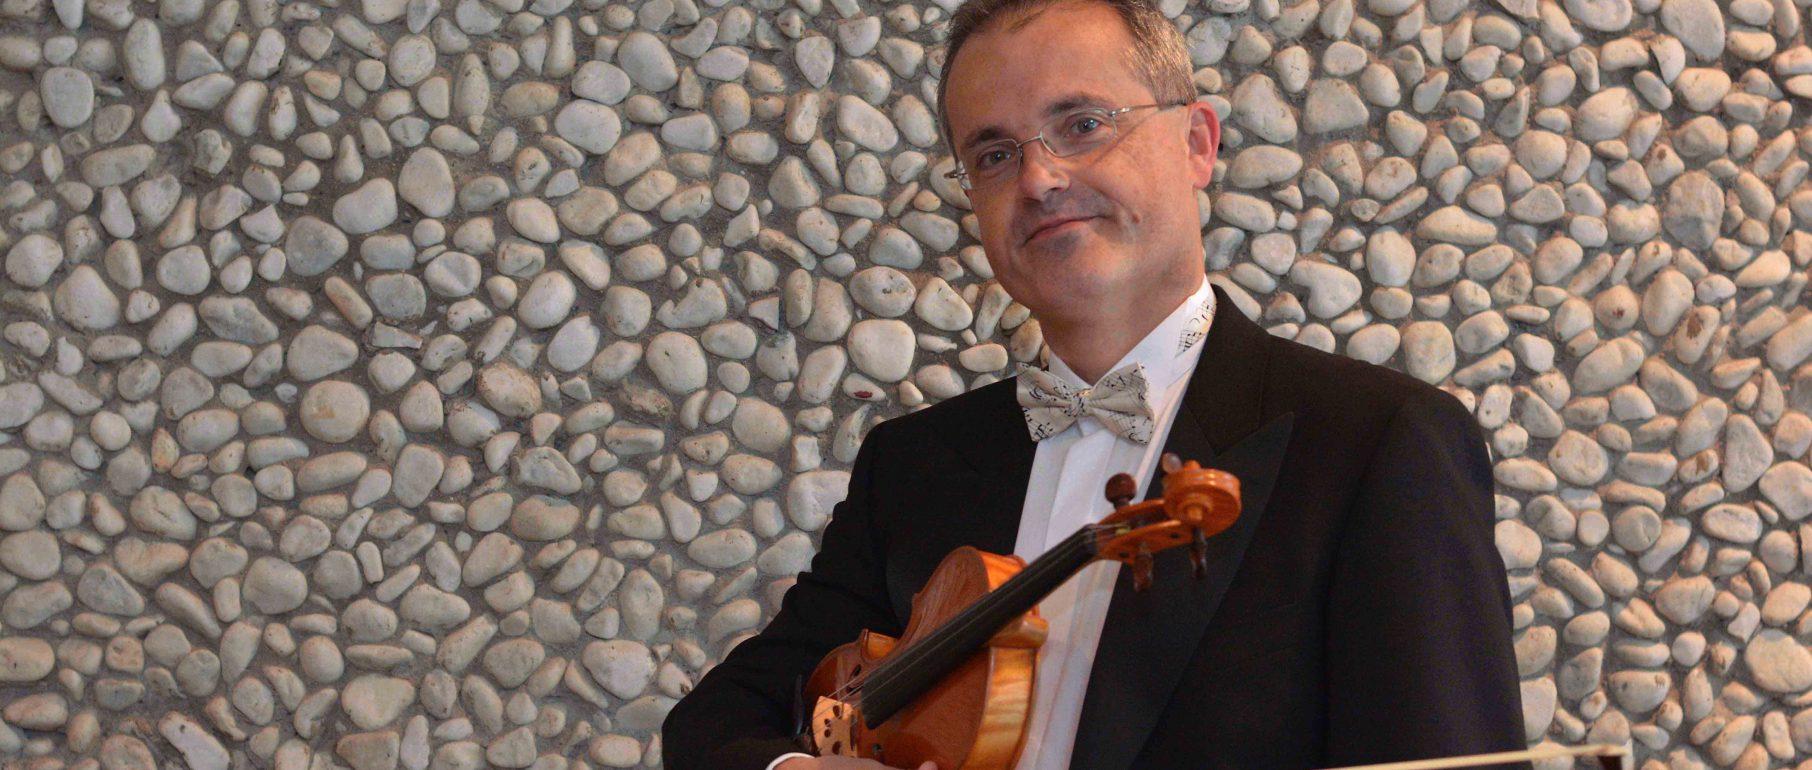 Andrzej Brzecki, 1. Violine